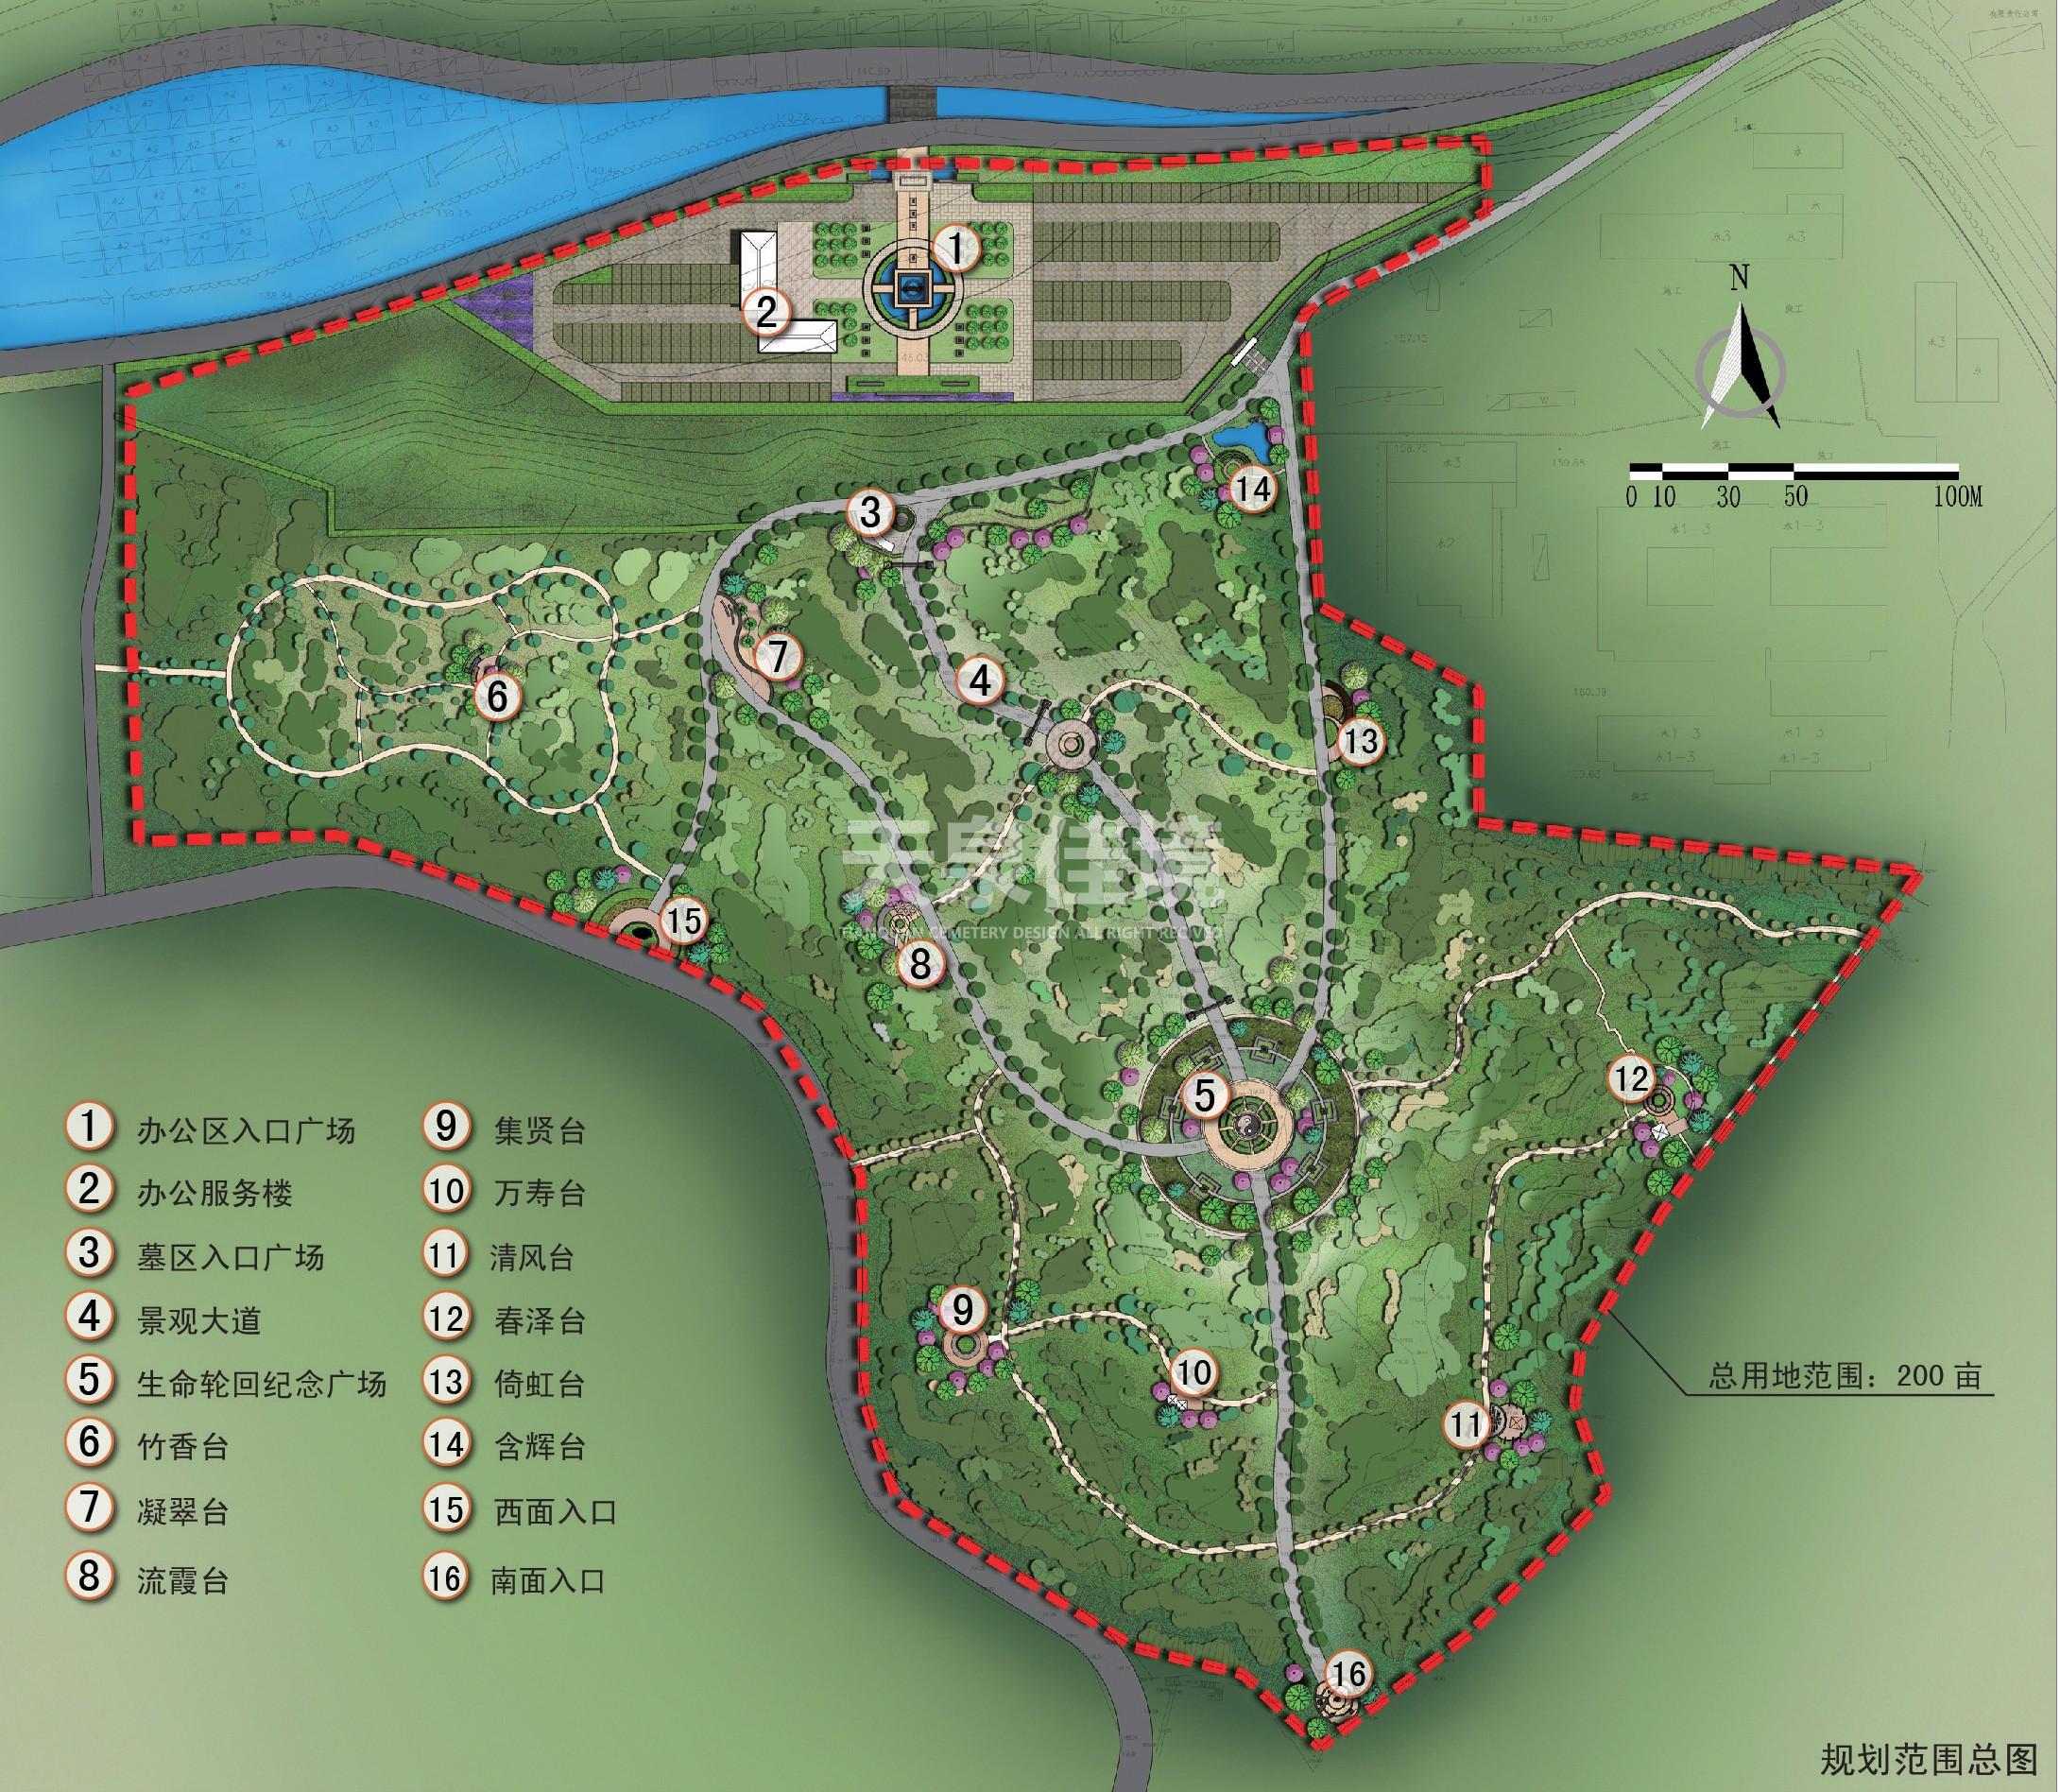 墓地设计 公墓设计—天泉佳境图片